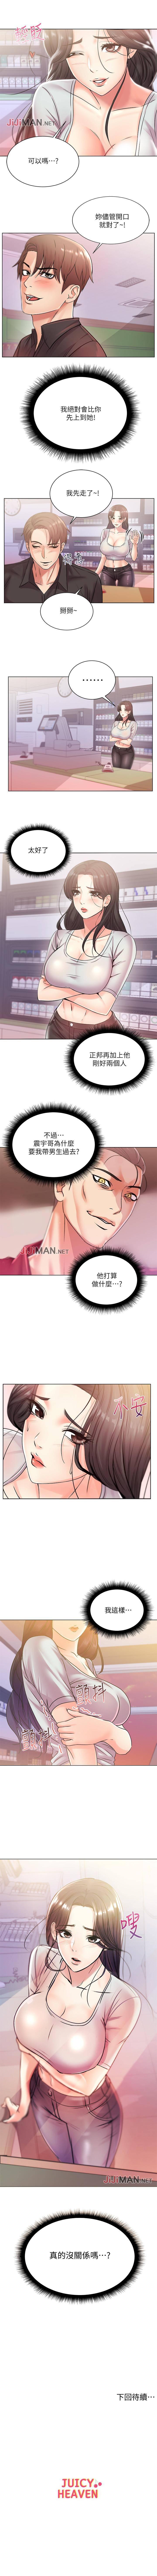 【周三连载】超市的漂亮姐姐(作者:北鼻&逃兵) 第1~20话 117